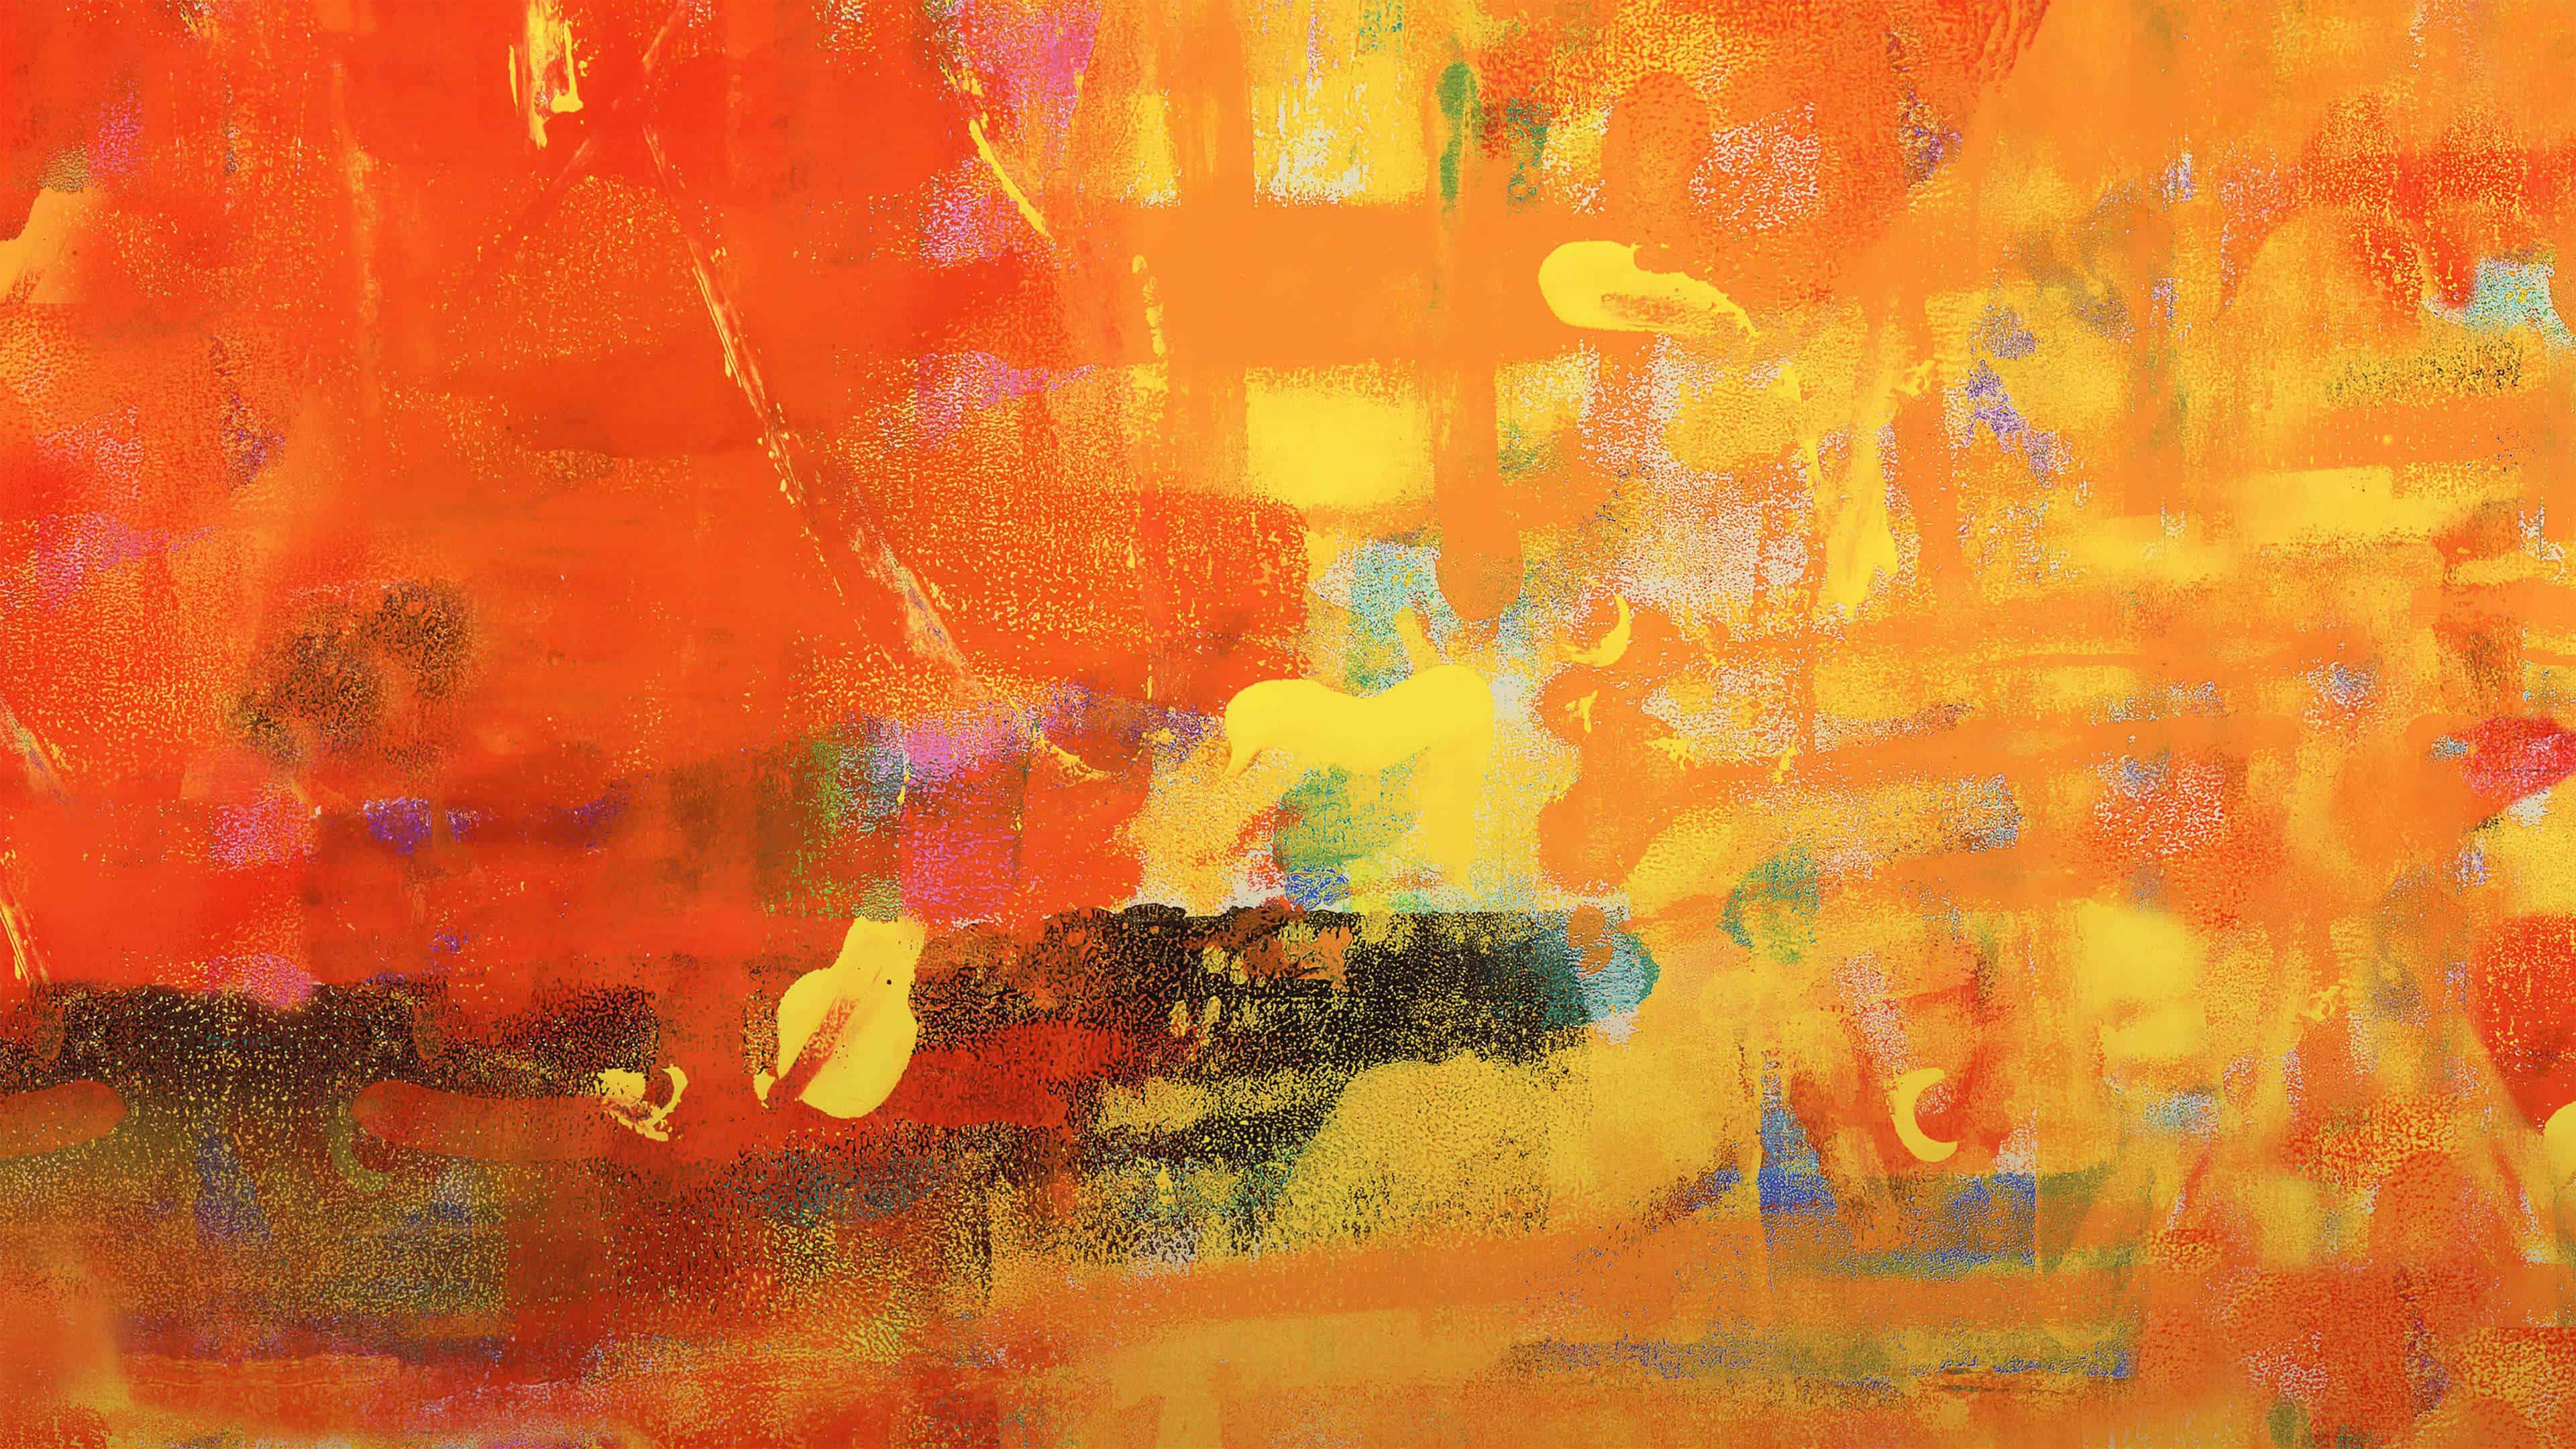 Abstract Painting Uhd 4k Wallpaper - Abstract Painting 4k - HD Wallpaper